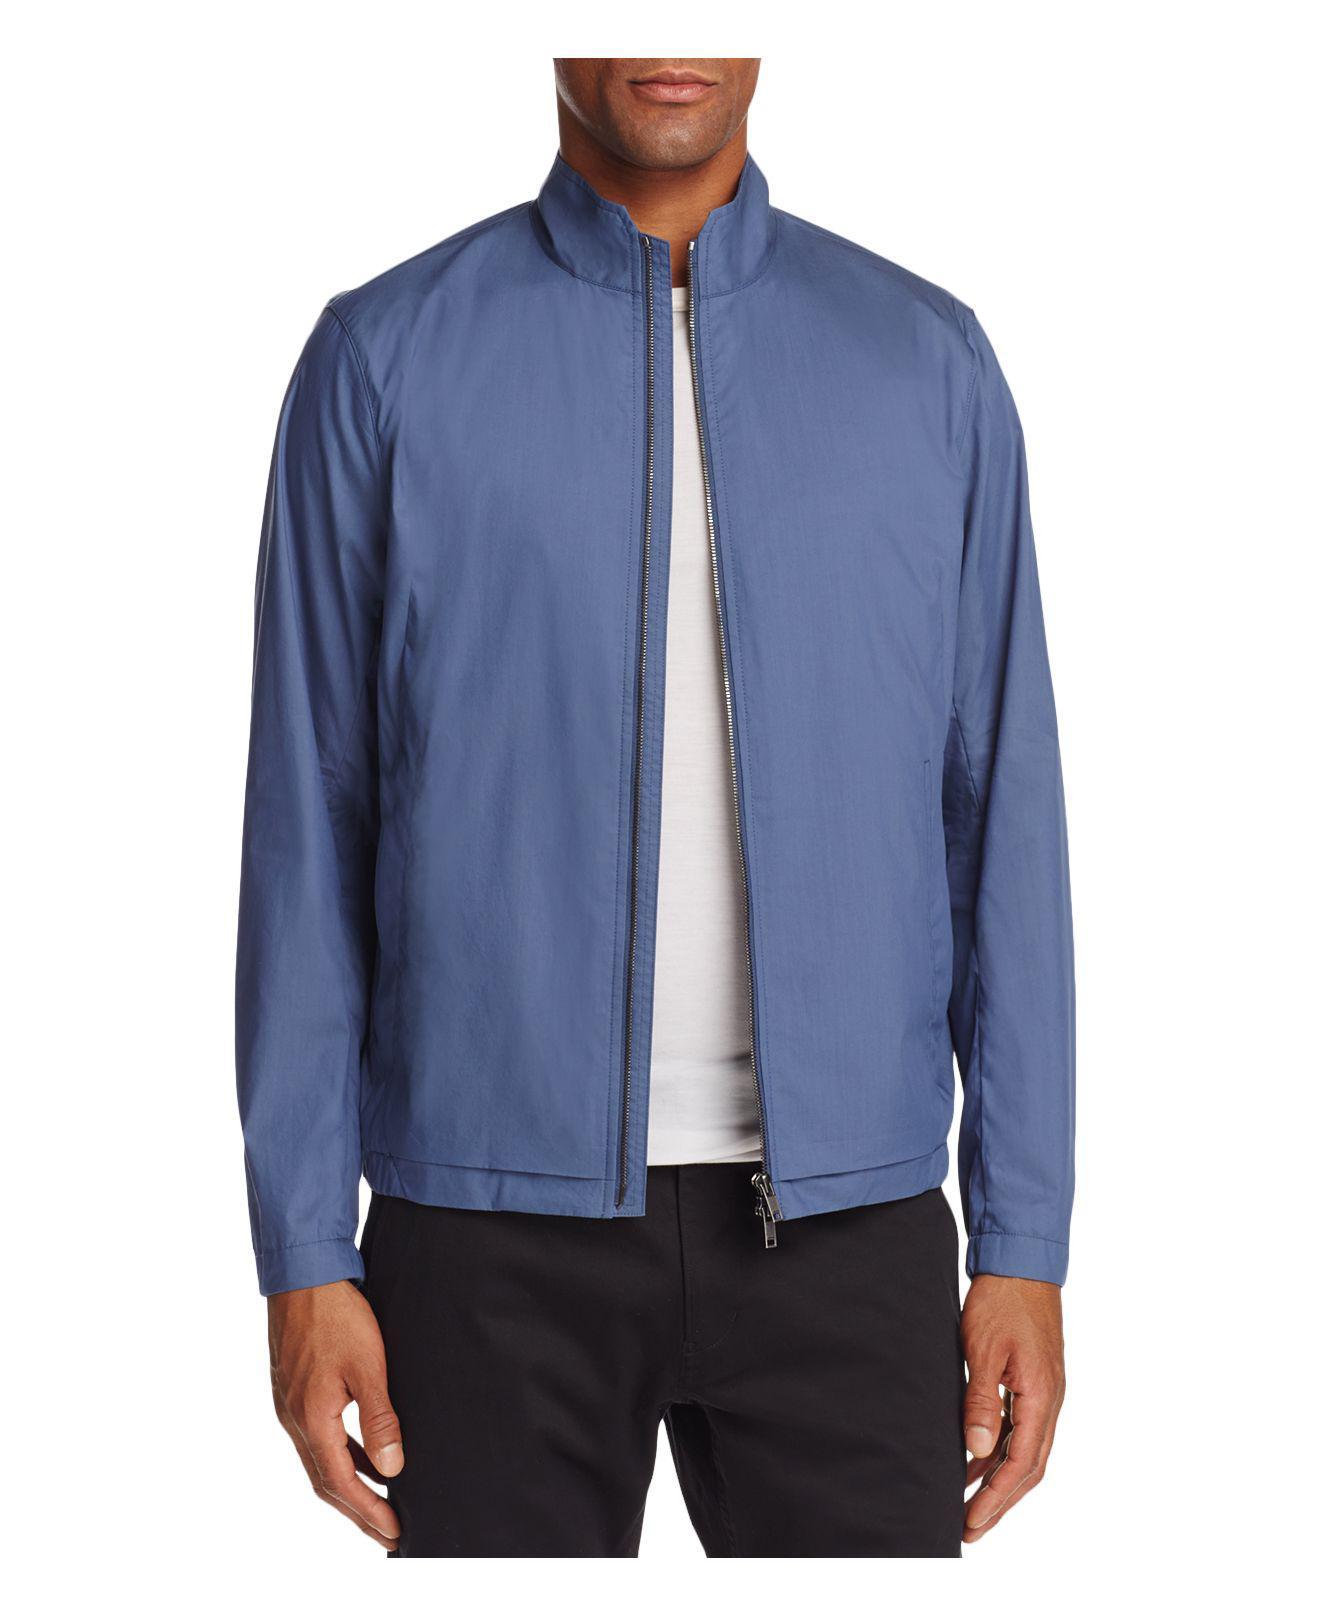 Lyst Theory Draftbreak Lightweight Jacket In Blue For Men